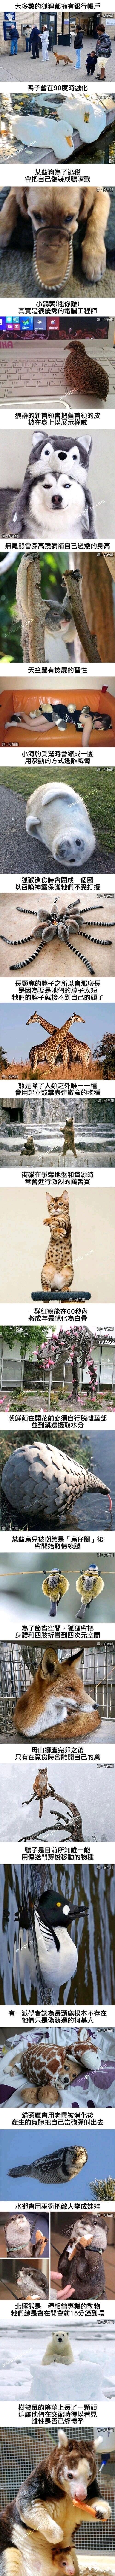 日刊:你是如何看待黑龙江3分30秒温酒斩华雄事件的? liuliushe.net六六社 第40张